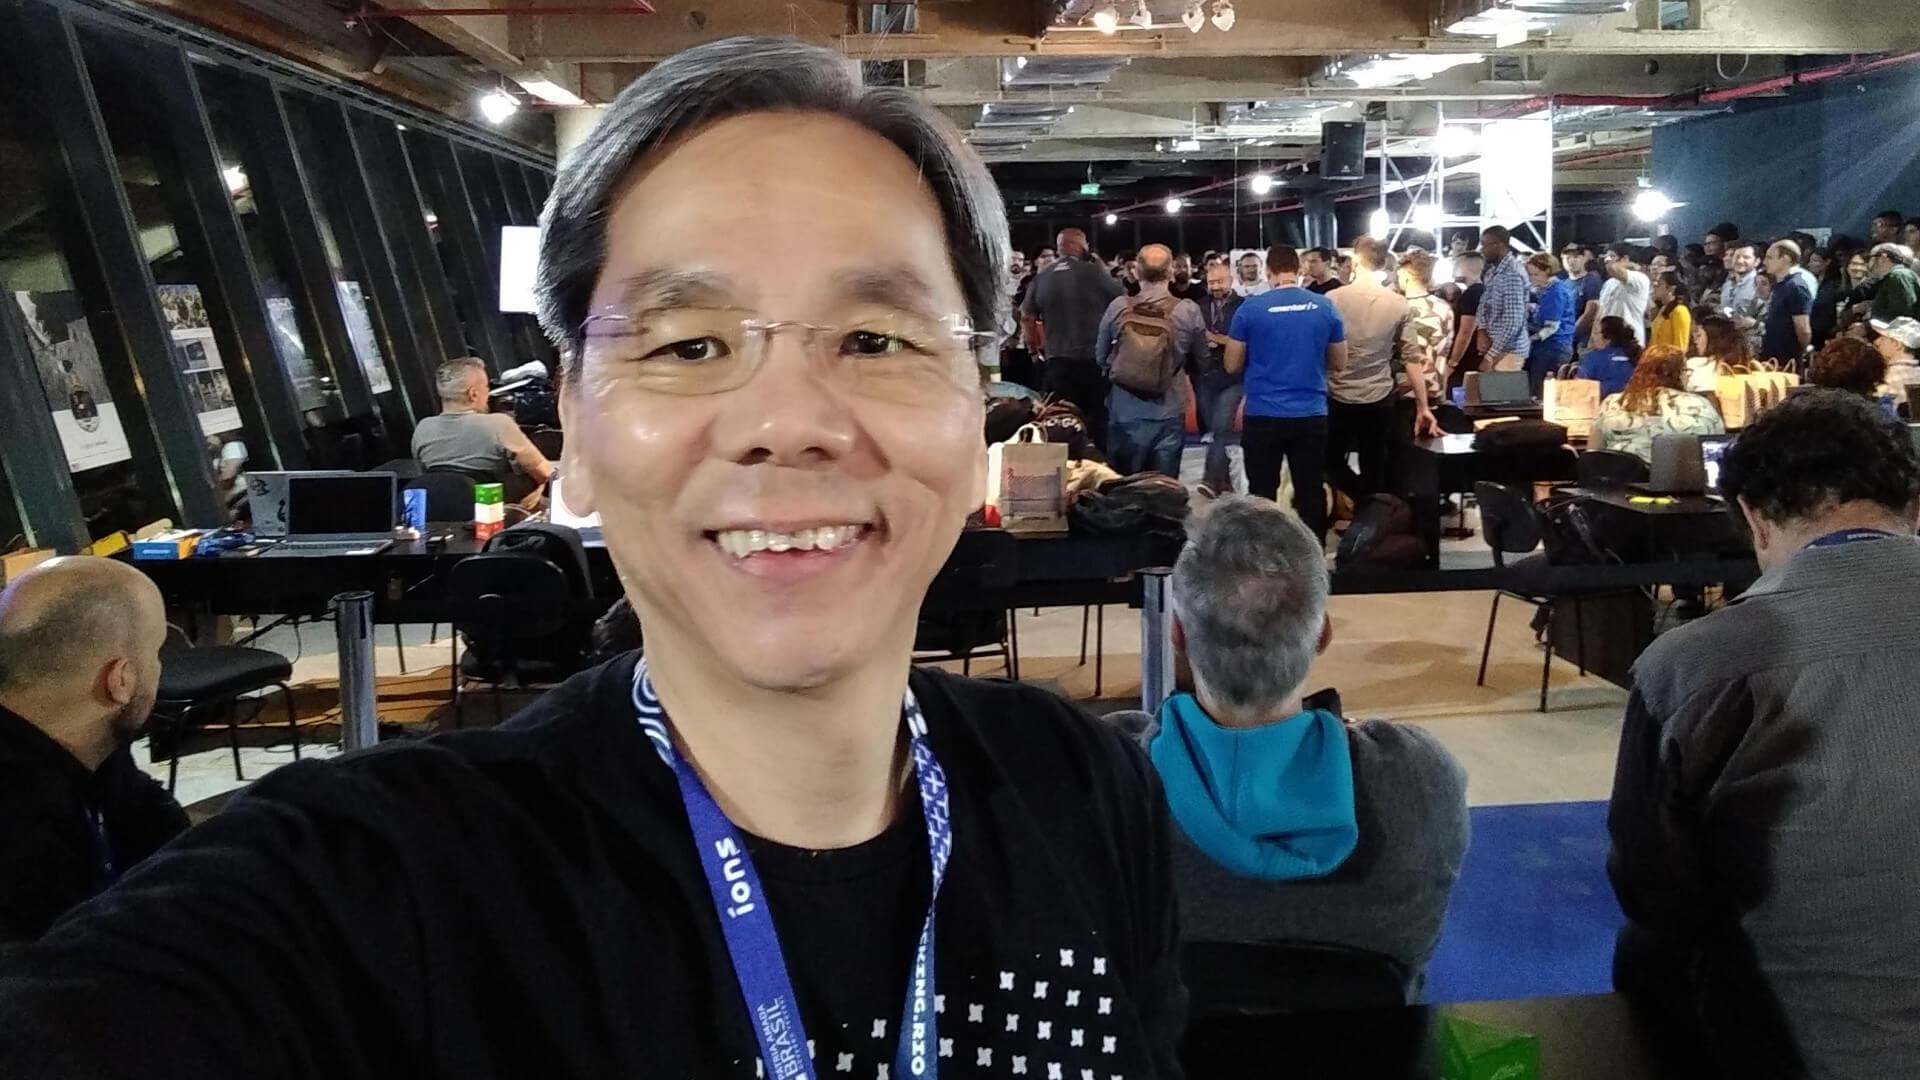 Tive a satisfação em curtir a concentração dos mais de 600 hackers na abertura do hackathon.